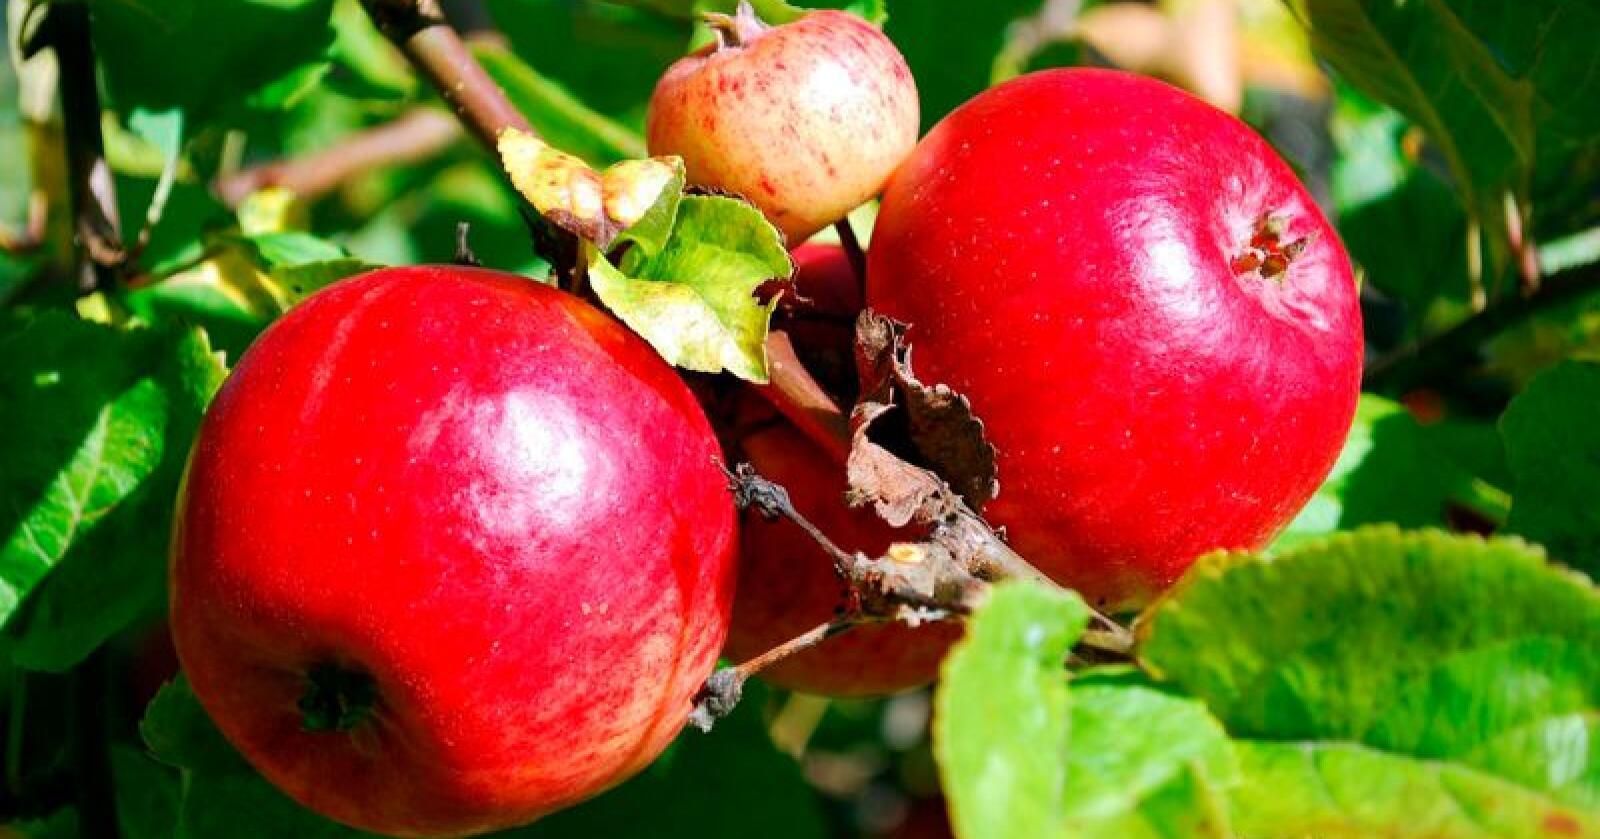 Hardanger siderprodusentlag har fått støtte til målretta produksjon av eple til sider og juice. Foto: Kari Hamre / NPK